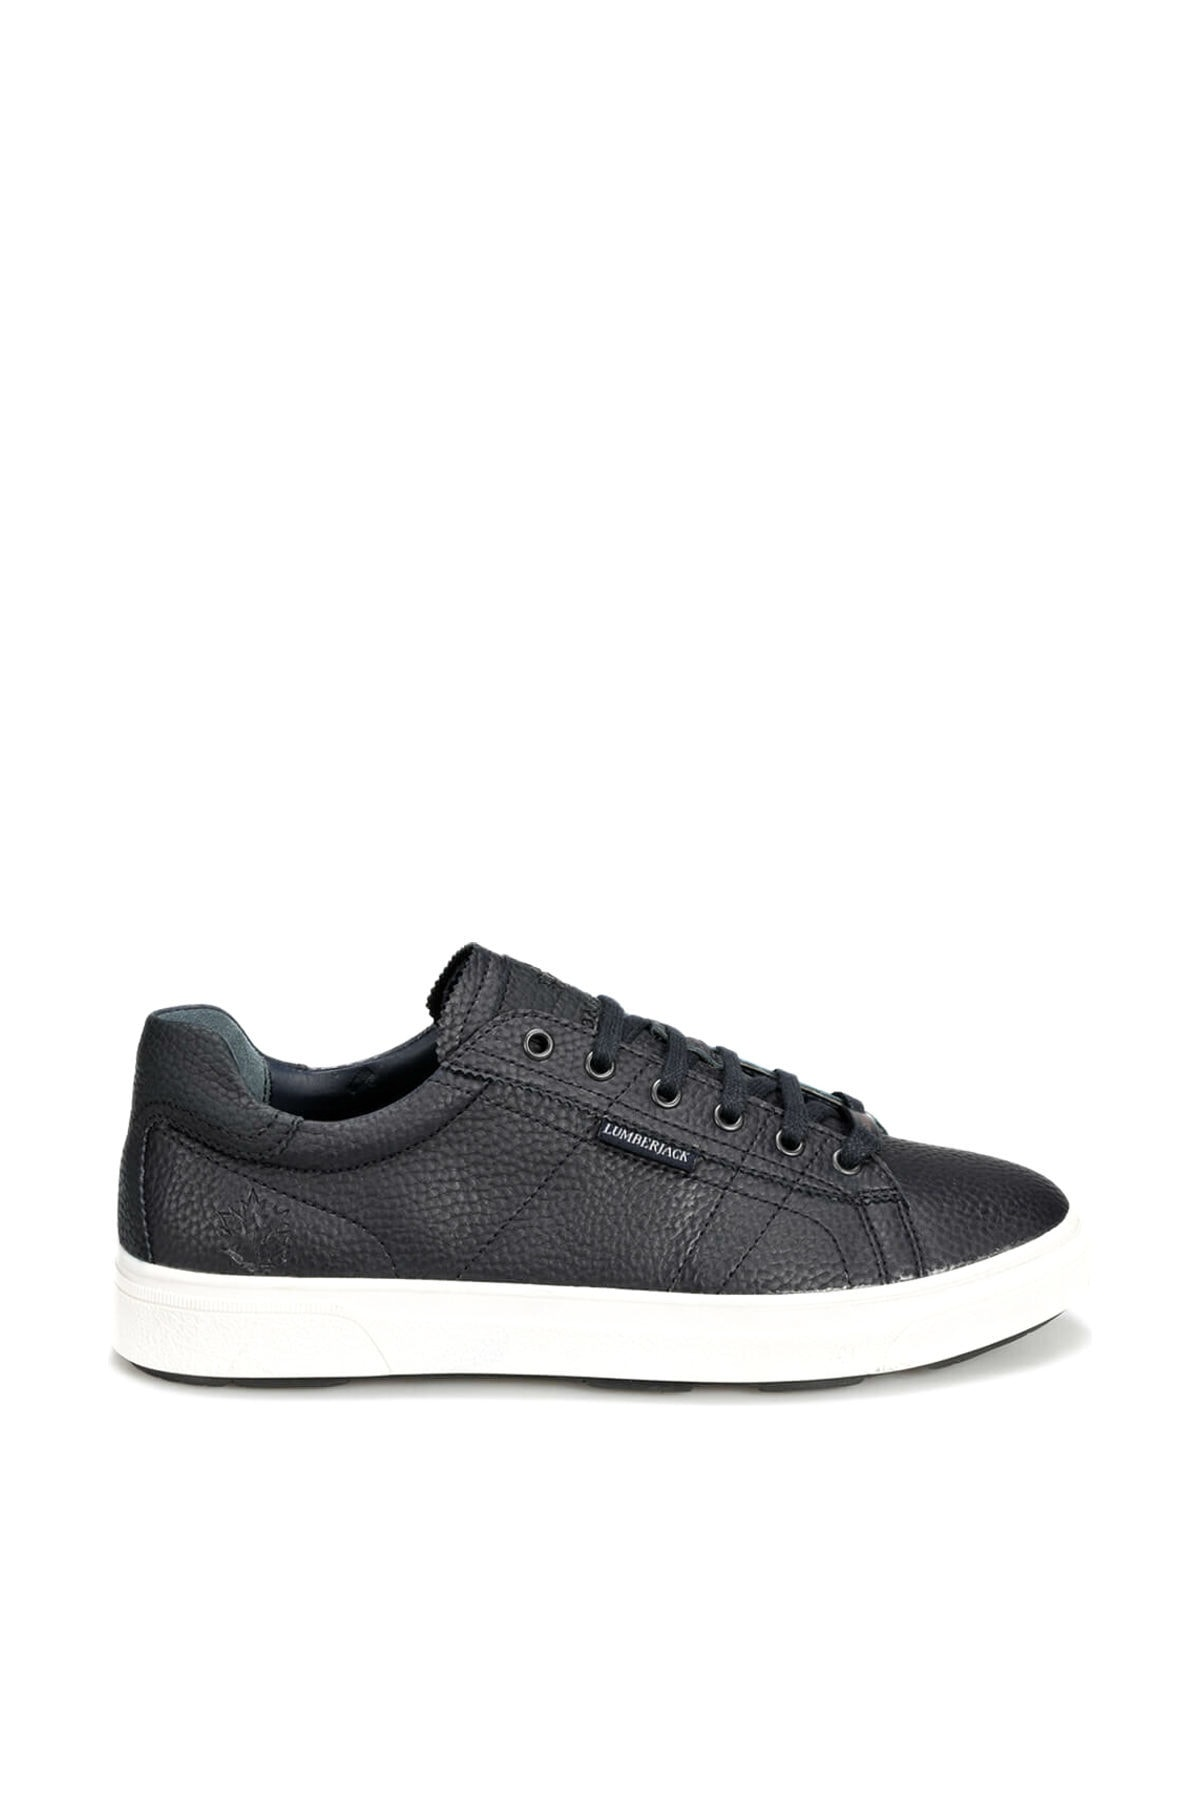 lumberjack BUSIA 9PR Lacivert Erkek Kalın Taban Sneaker Spor Ayakkabı 100416625 2